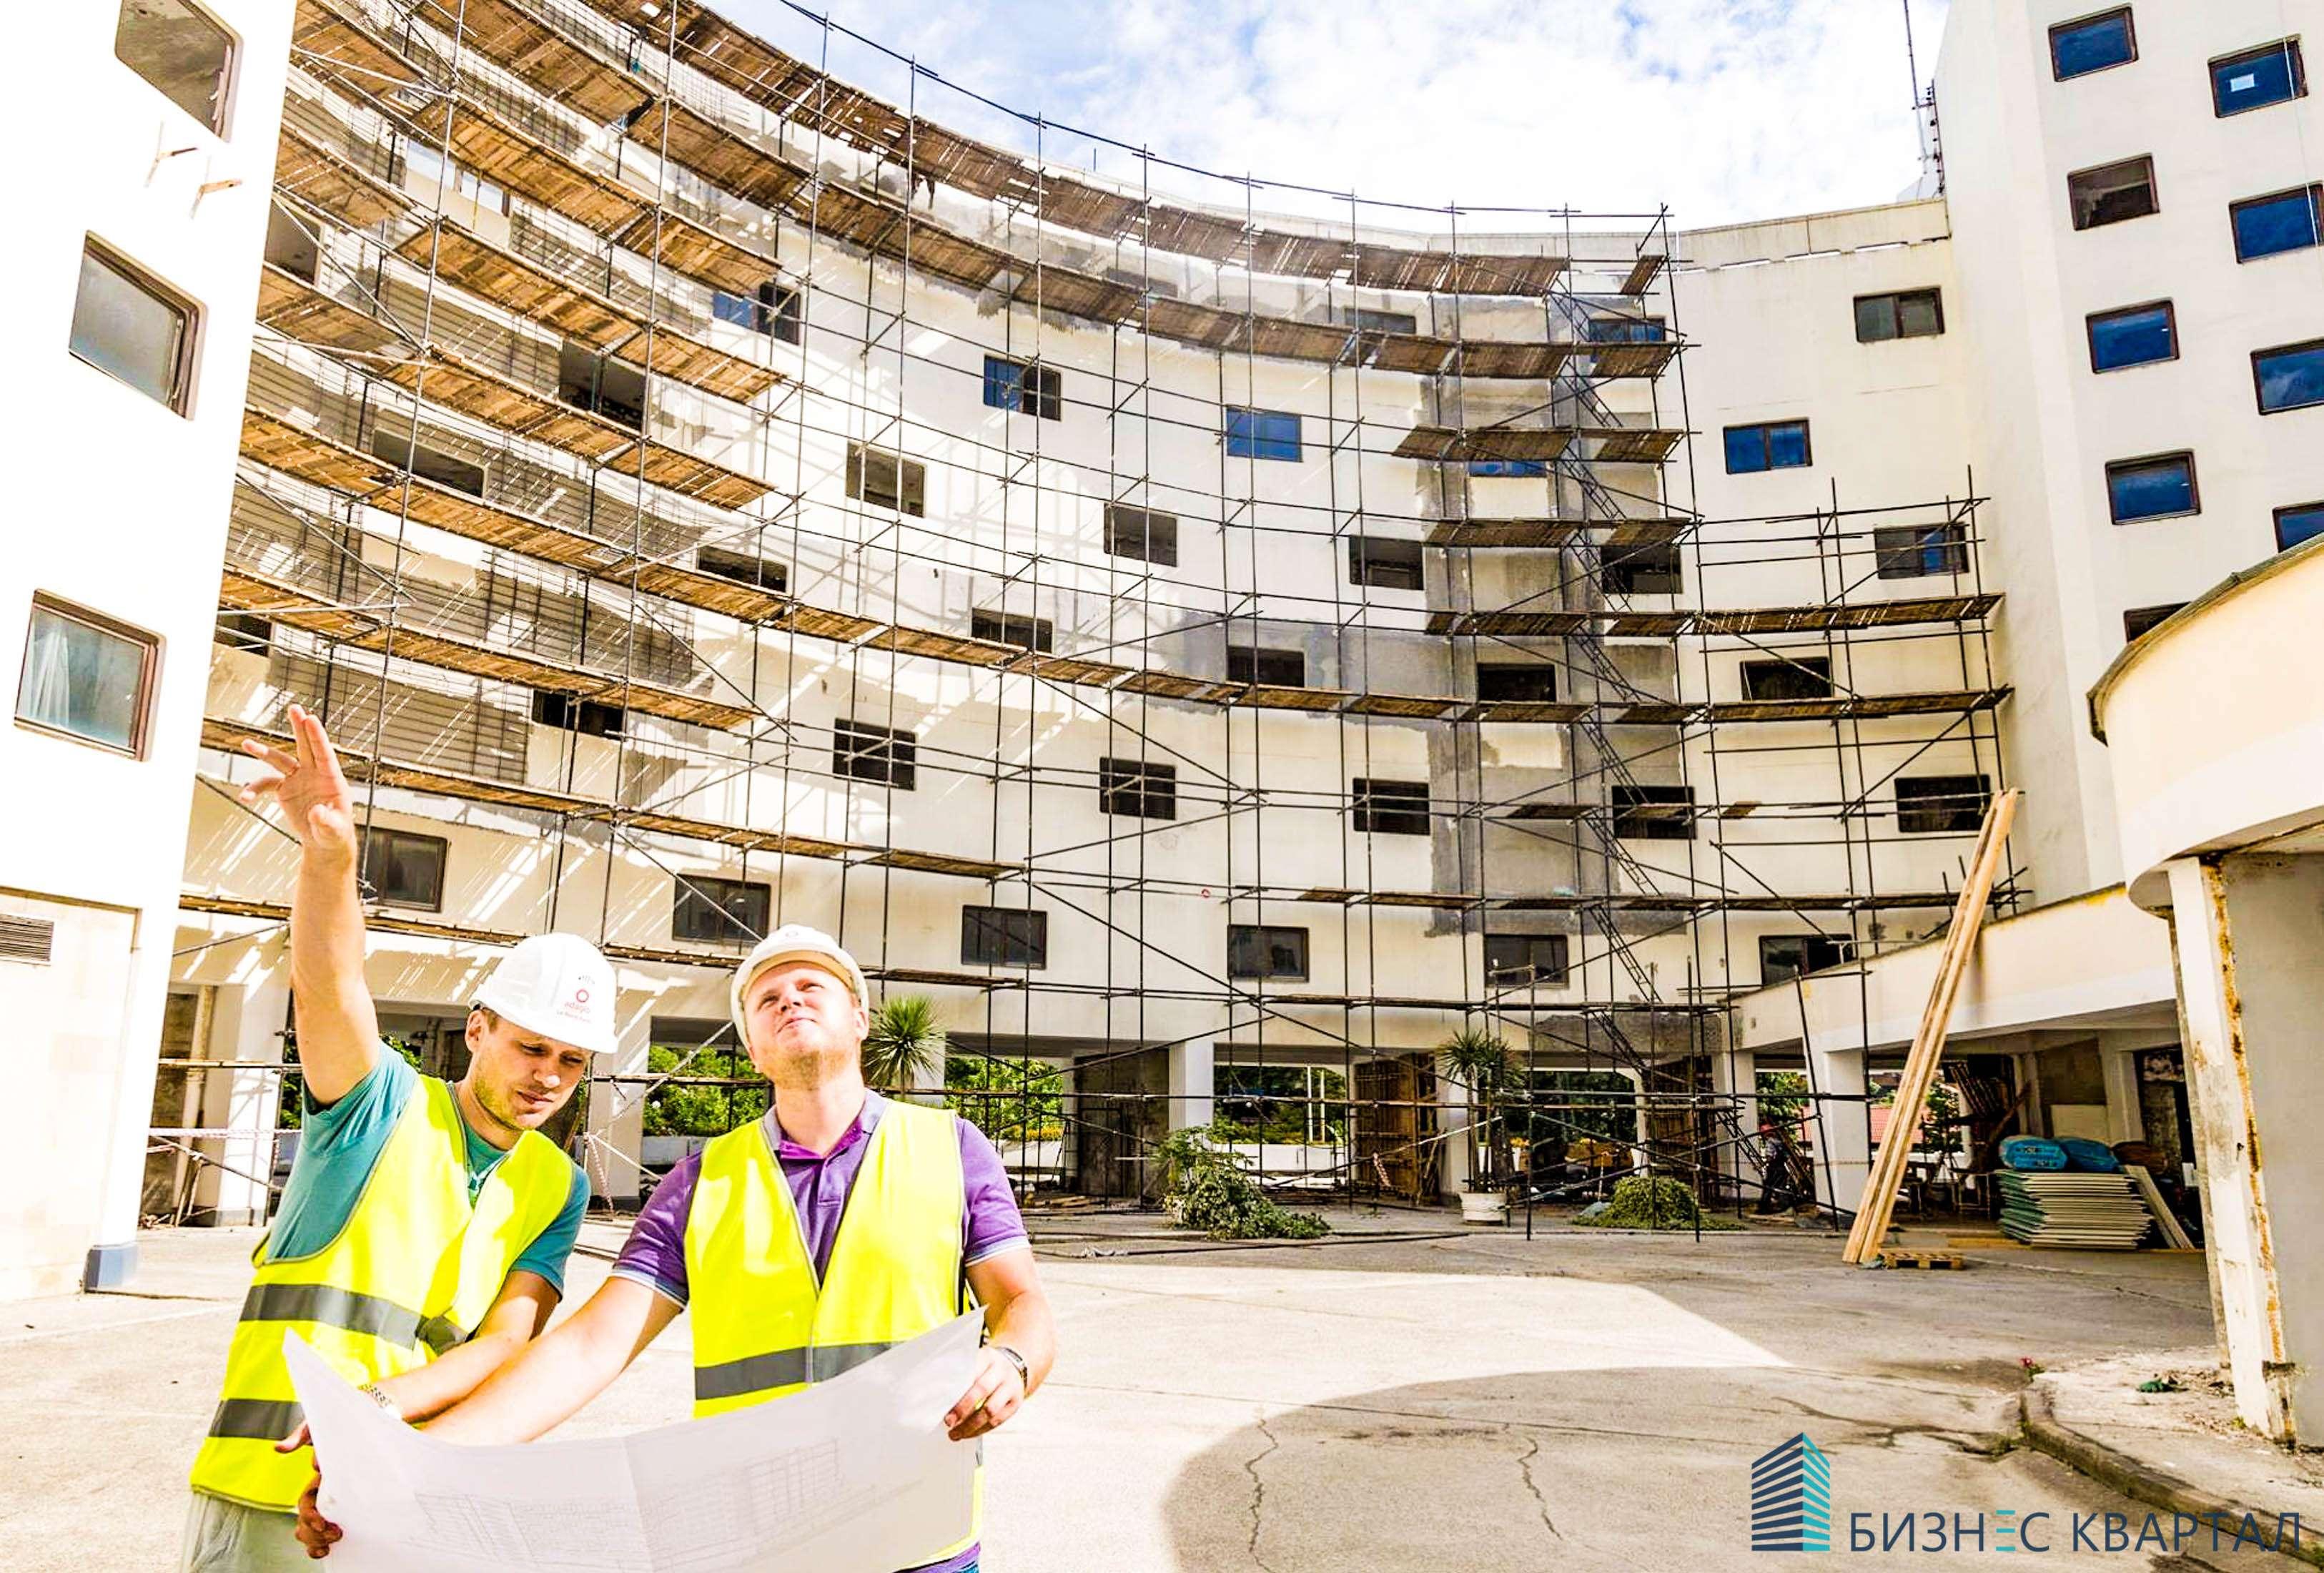 Двухкомнатные апартаменты с ремонтом и мебелью в Сочи - image gotovye-apartamenty-v-sochi-16 on https://bizneskvartal.ru